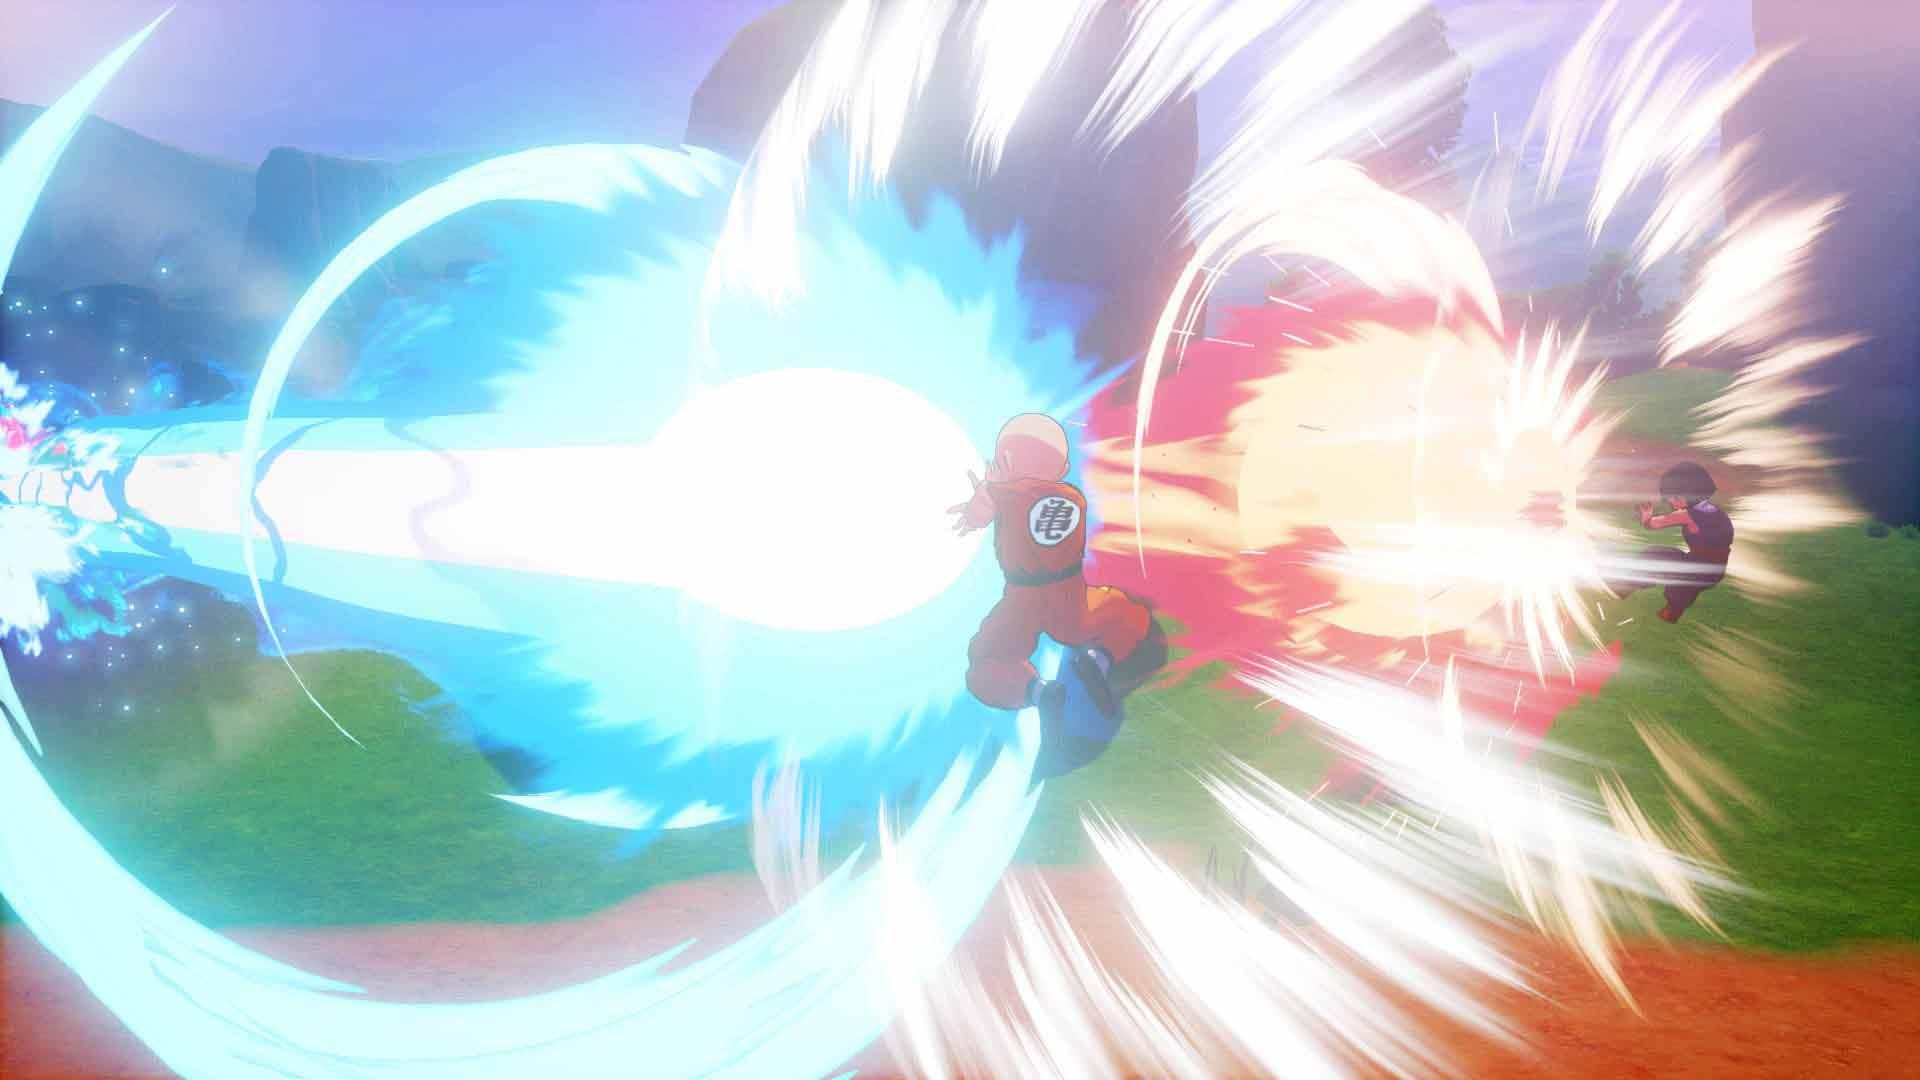 DRAGON BALL Z: KAKAROT game image